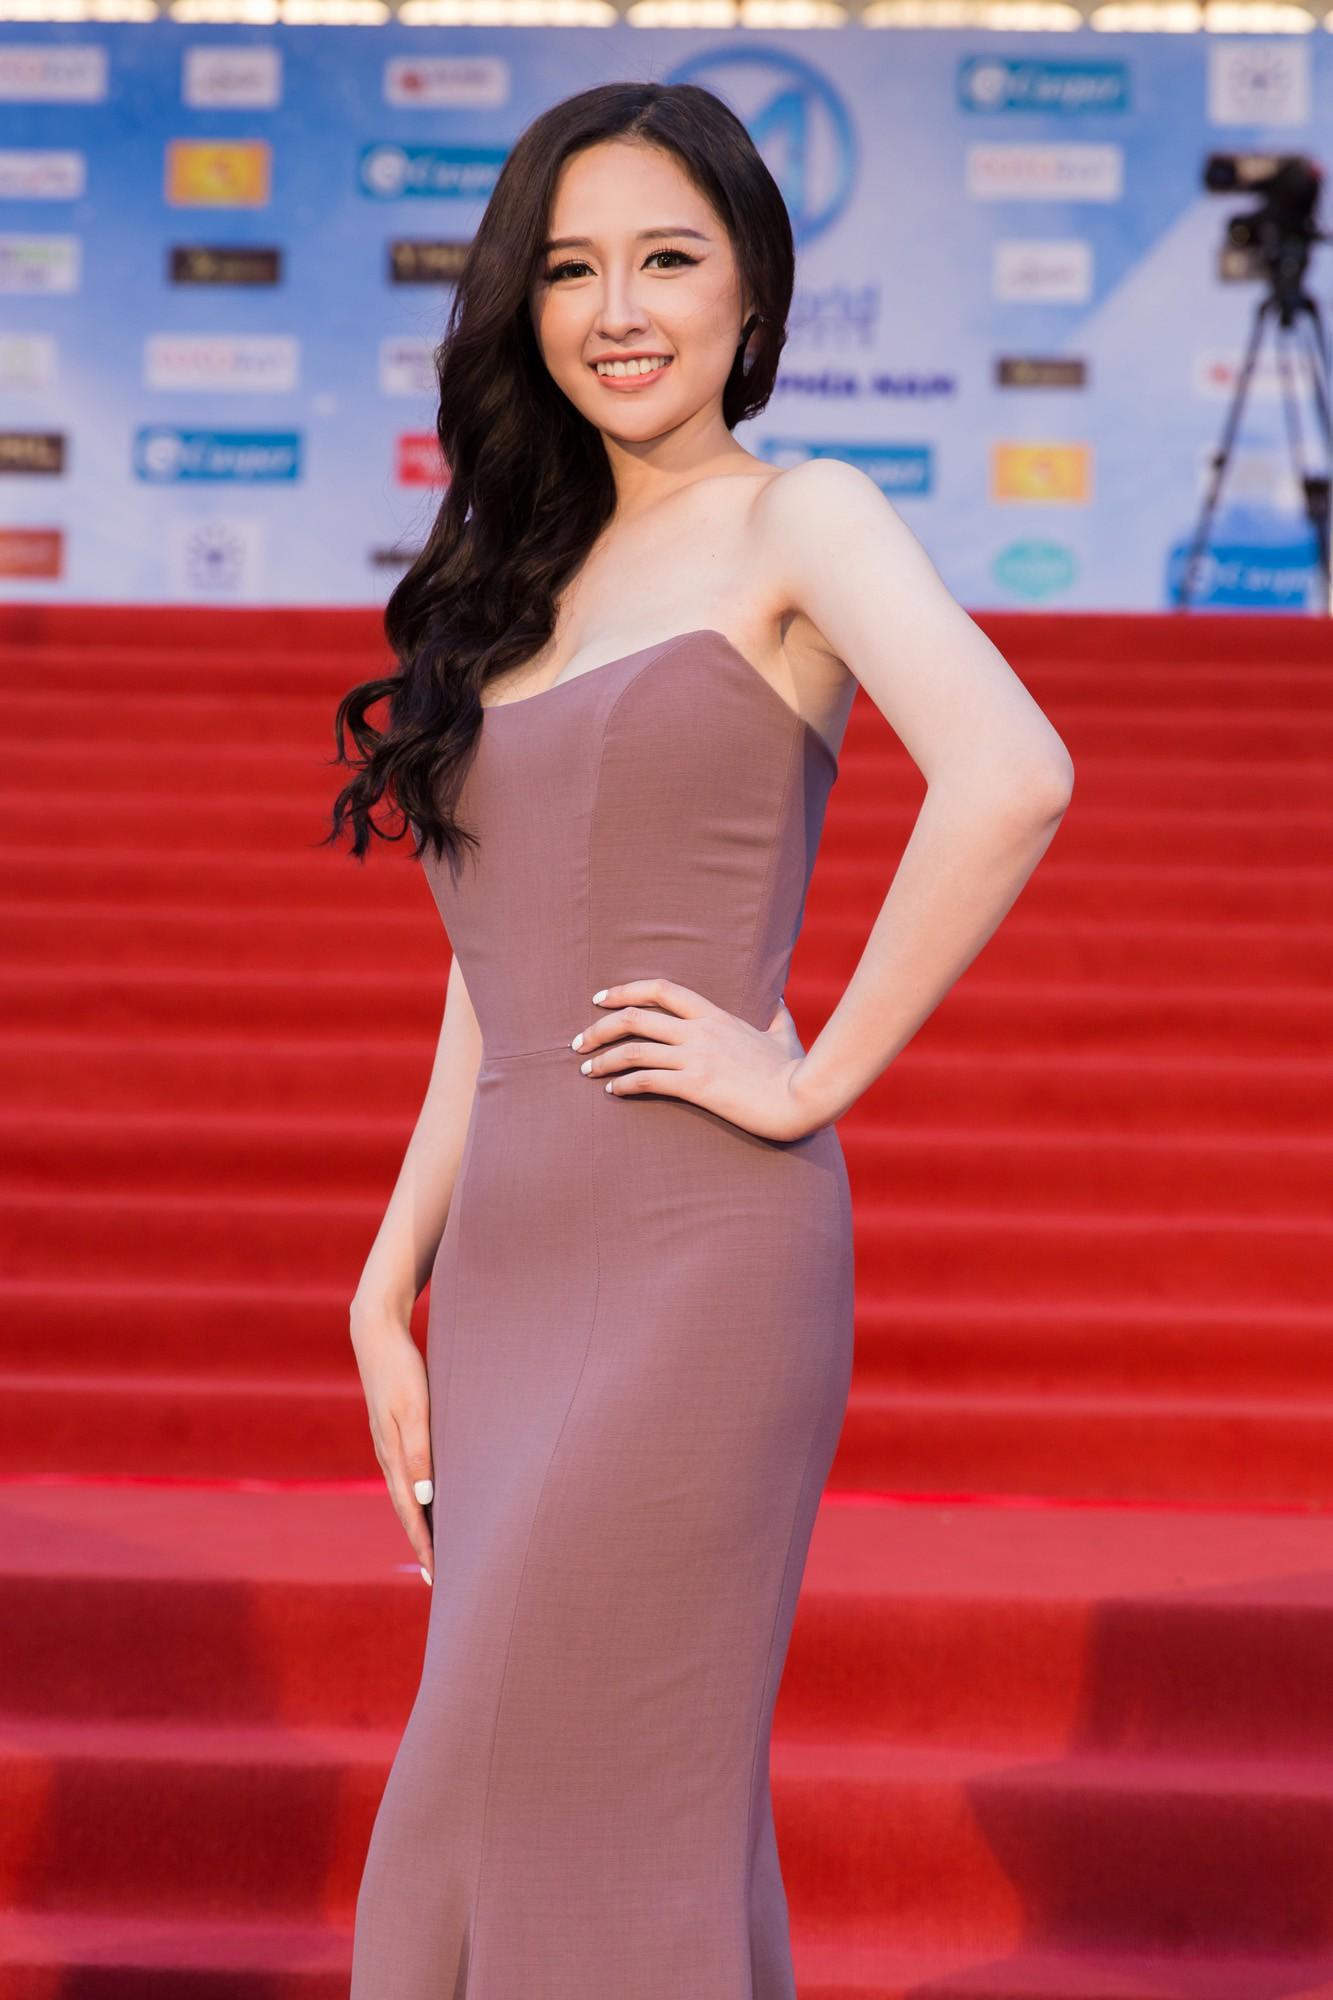 Thảm đỏ Miss World: Mai Phương Thúy, Nam Em khoe thành tích giảm cân, hội Hoa hậu chặt chém bất phân thắng bại - Ảnh 1.